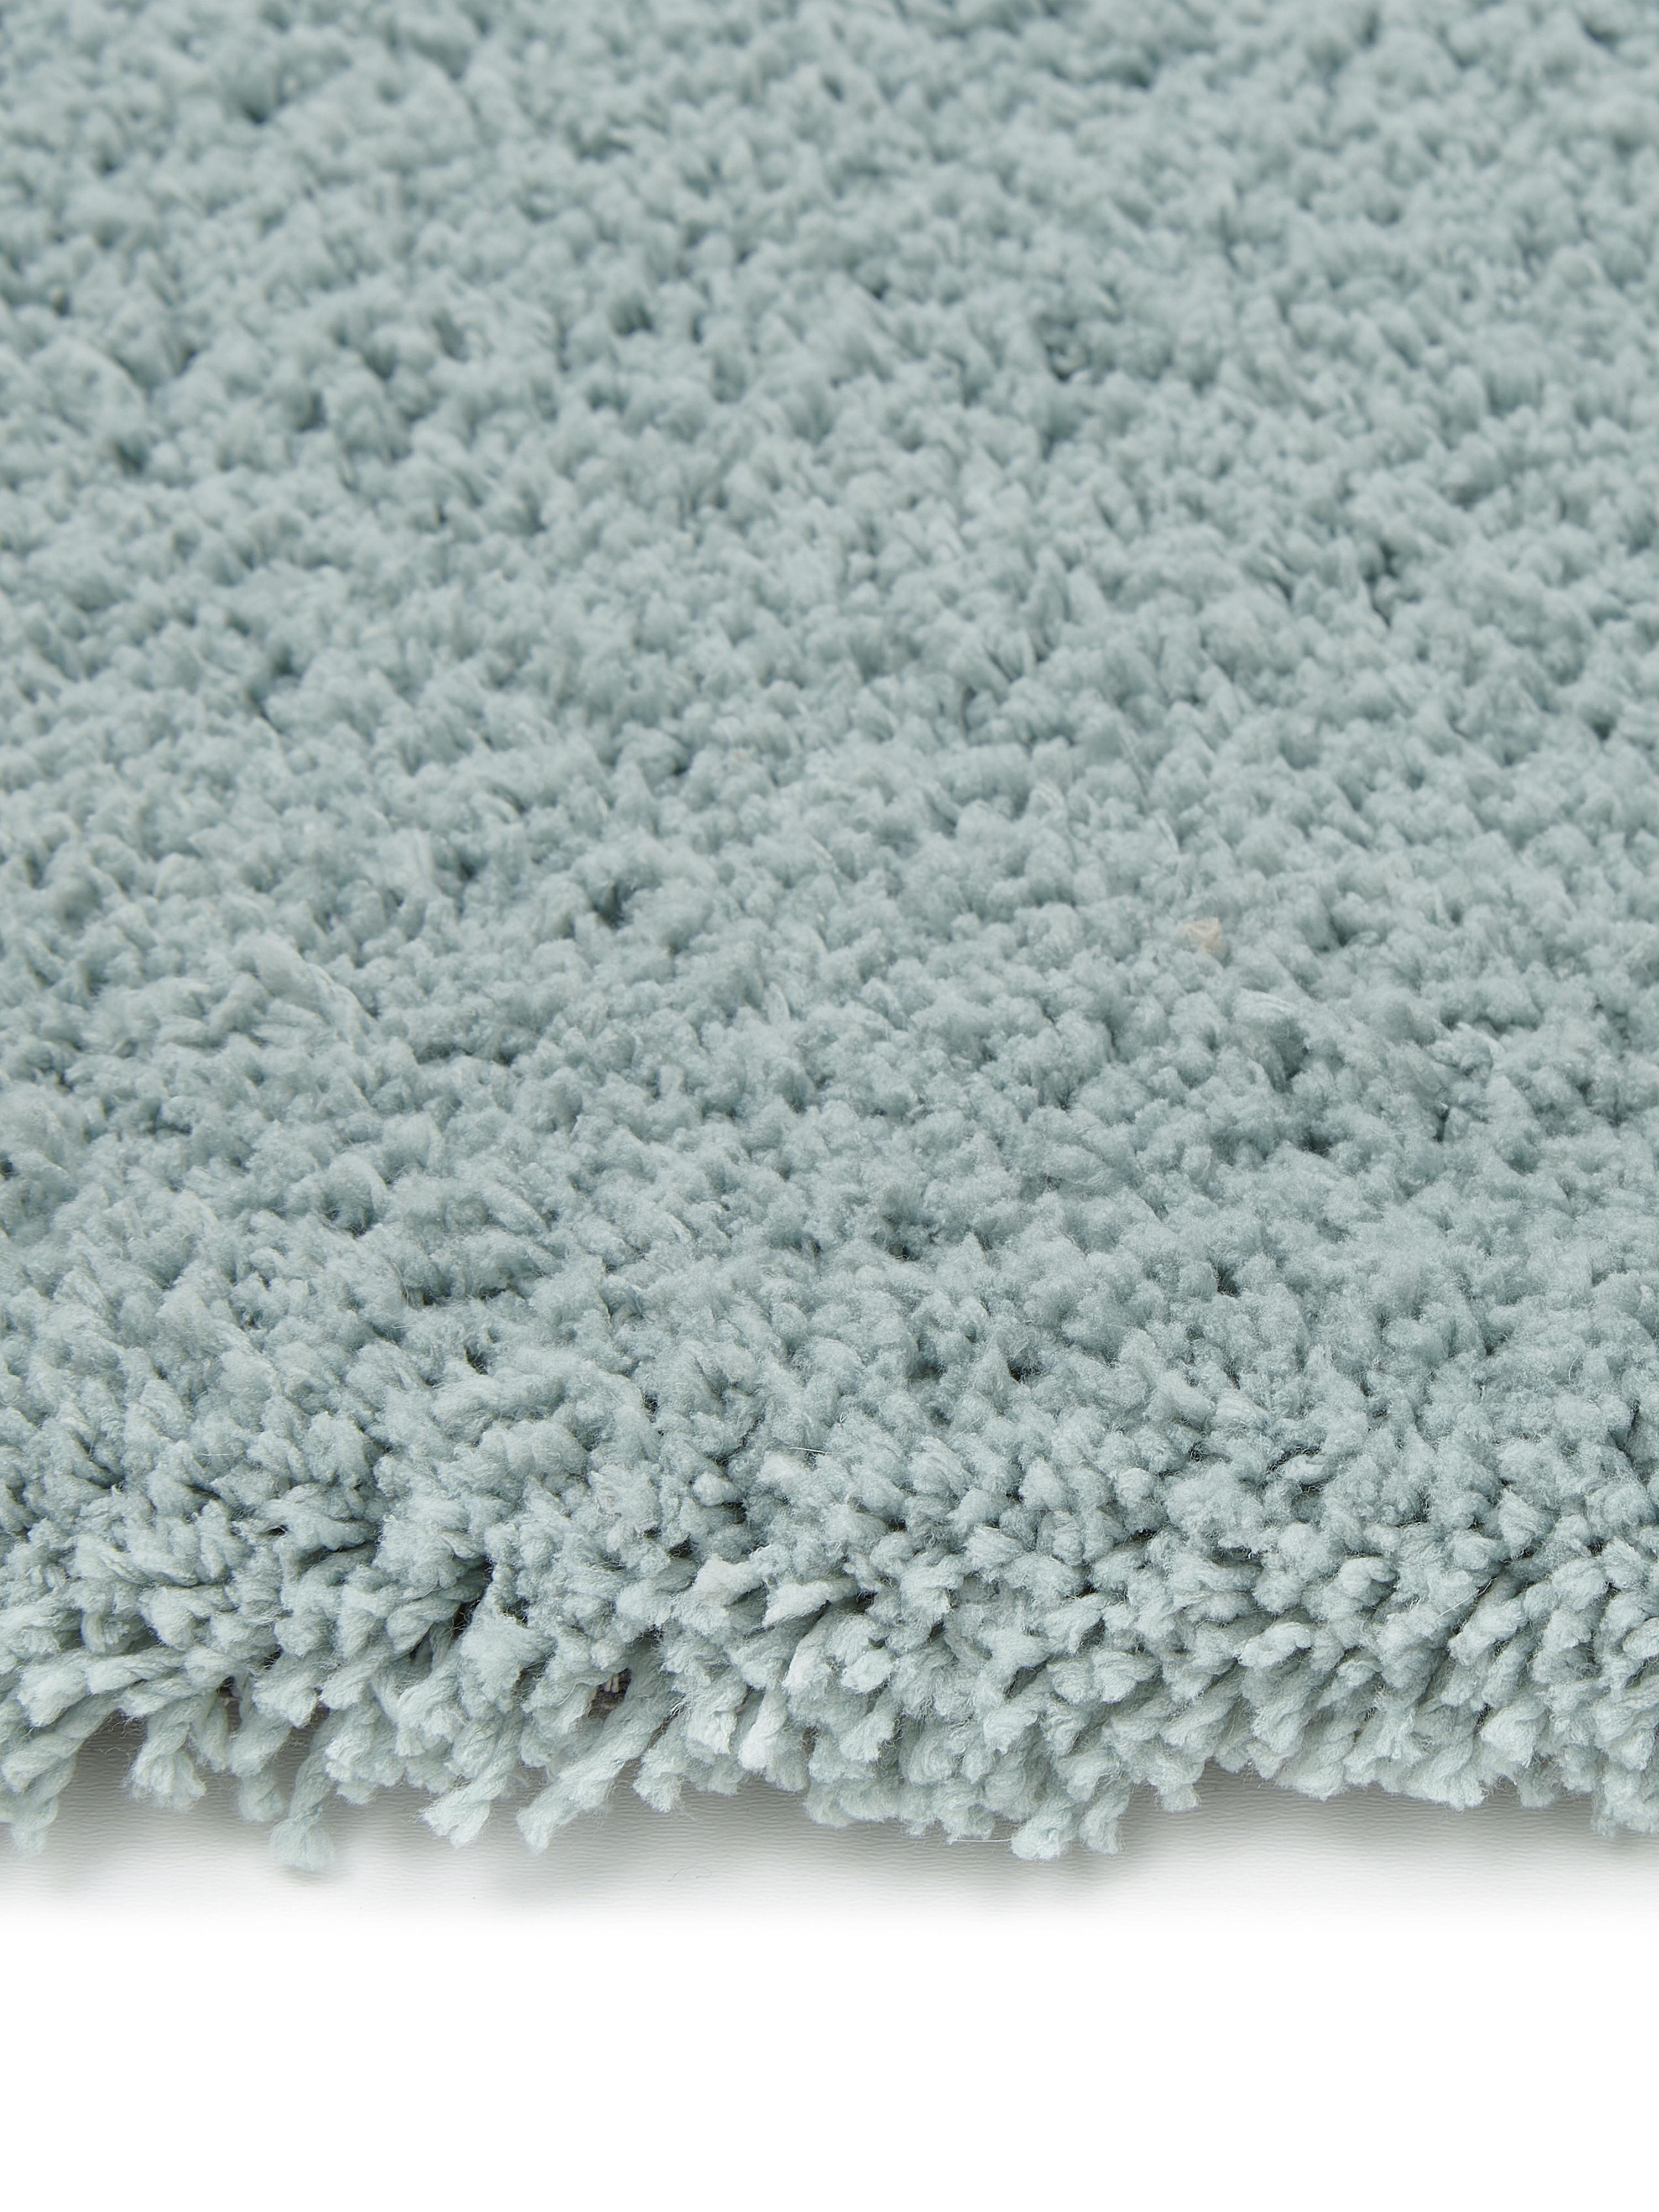 Pluizig hoogpolig vloerkleed Leighton in mintgroen, Bovenzijde: 100% polyester (microveze, Onderzijde: 70% polyester, 30% katoen, Mintgroen, B 200 x L 300 cm (maat L)